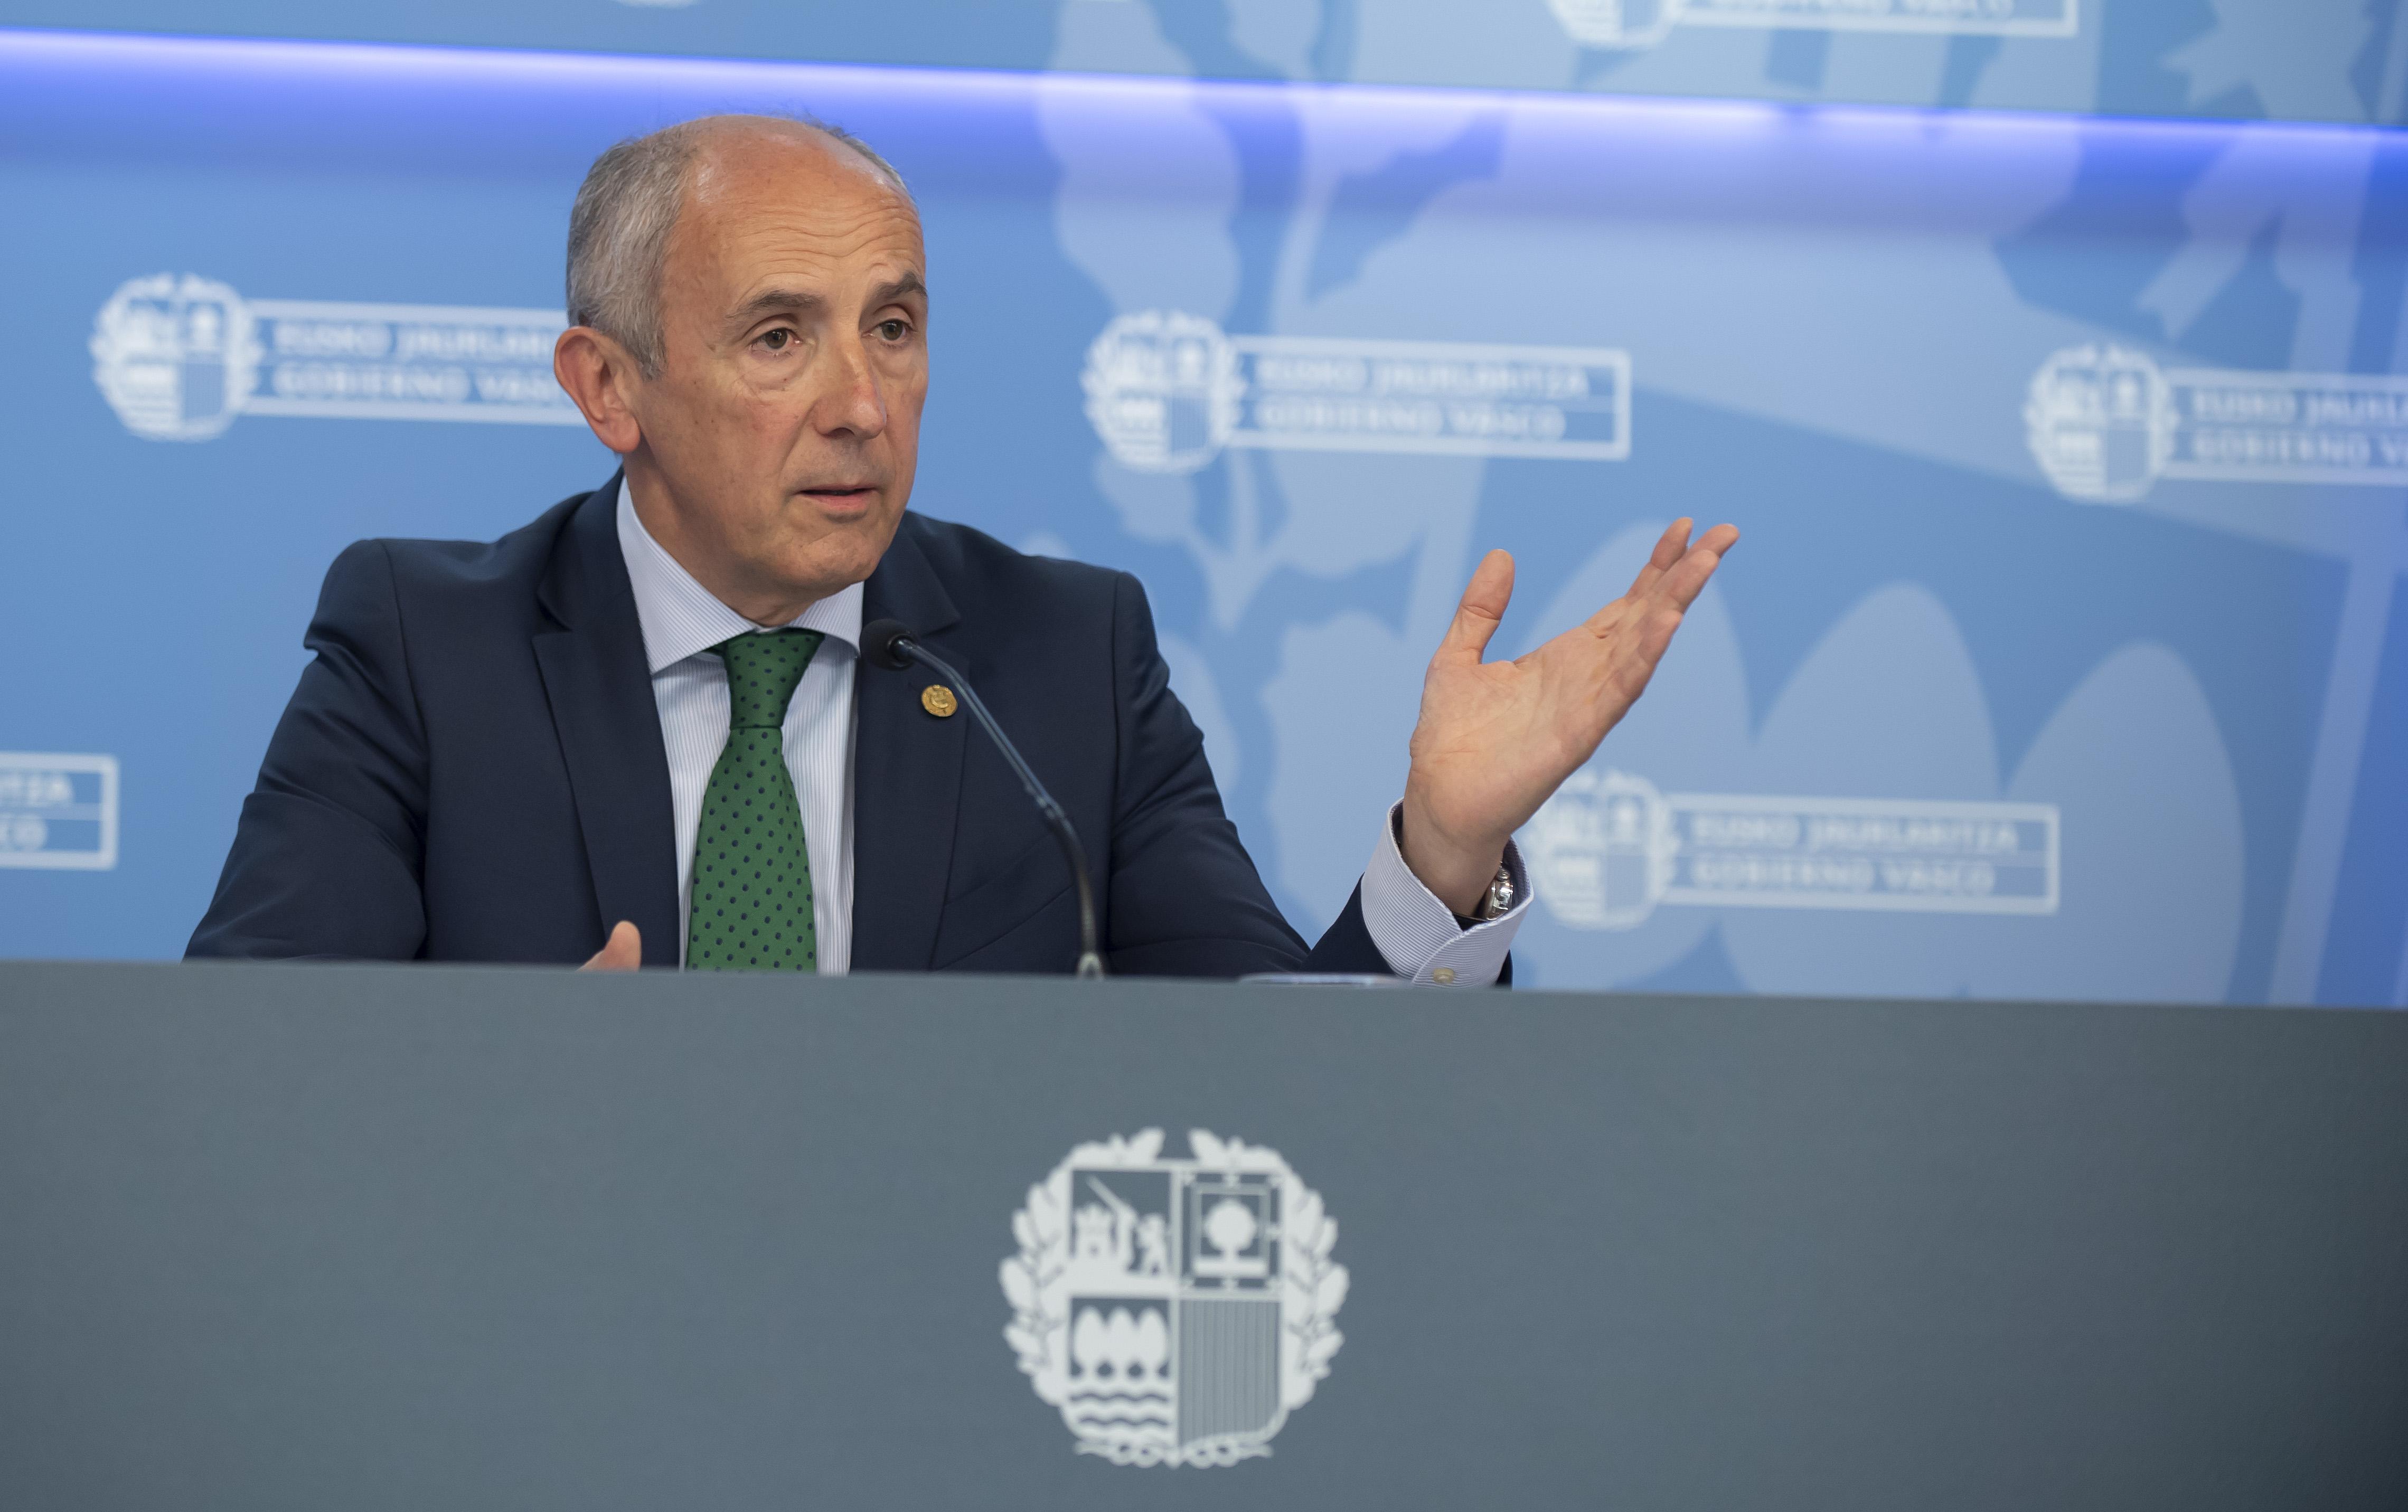 El Consejo de Gobierno aprueba un gasto de 26 millones de euros para la formación de jóvenes que accedan a estudios universitarios o estudios superiores.